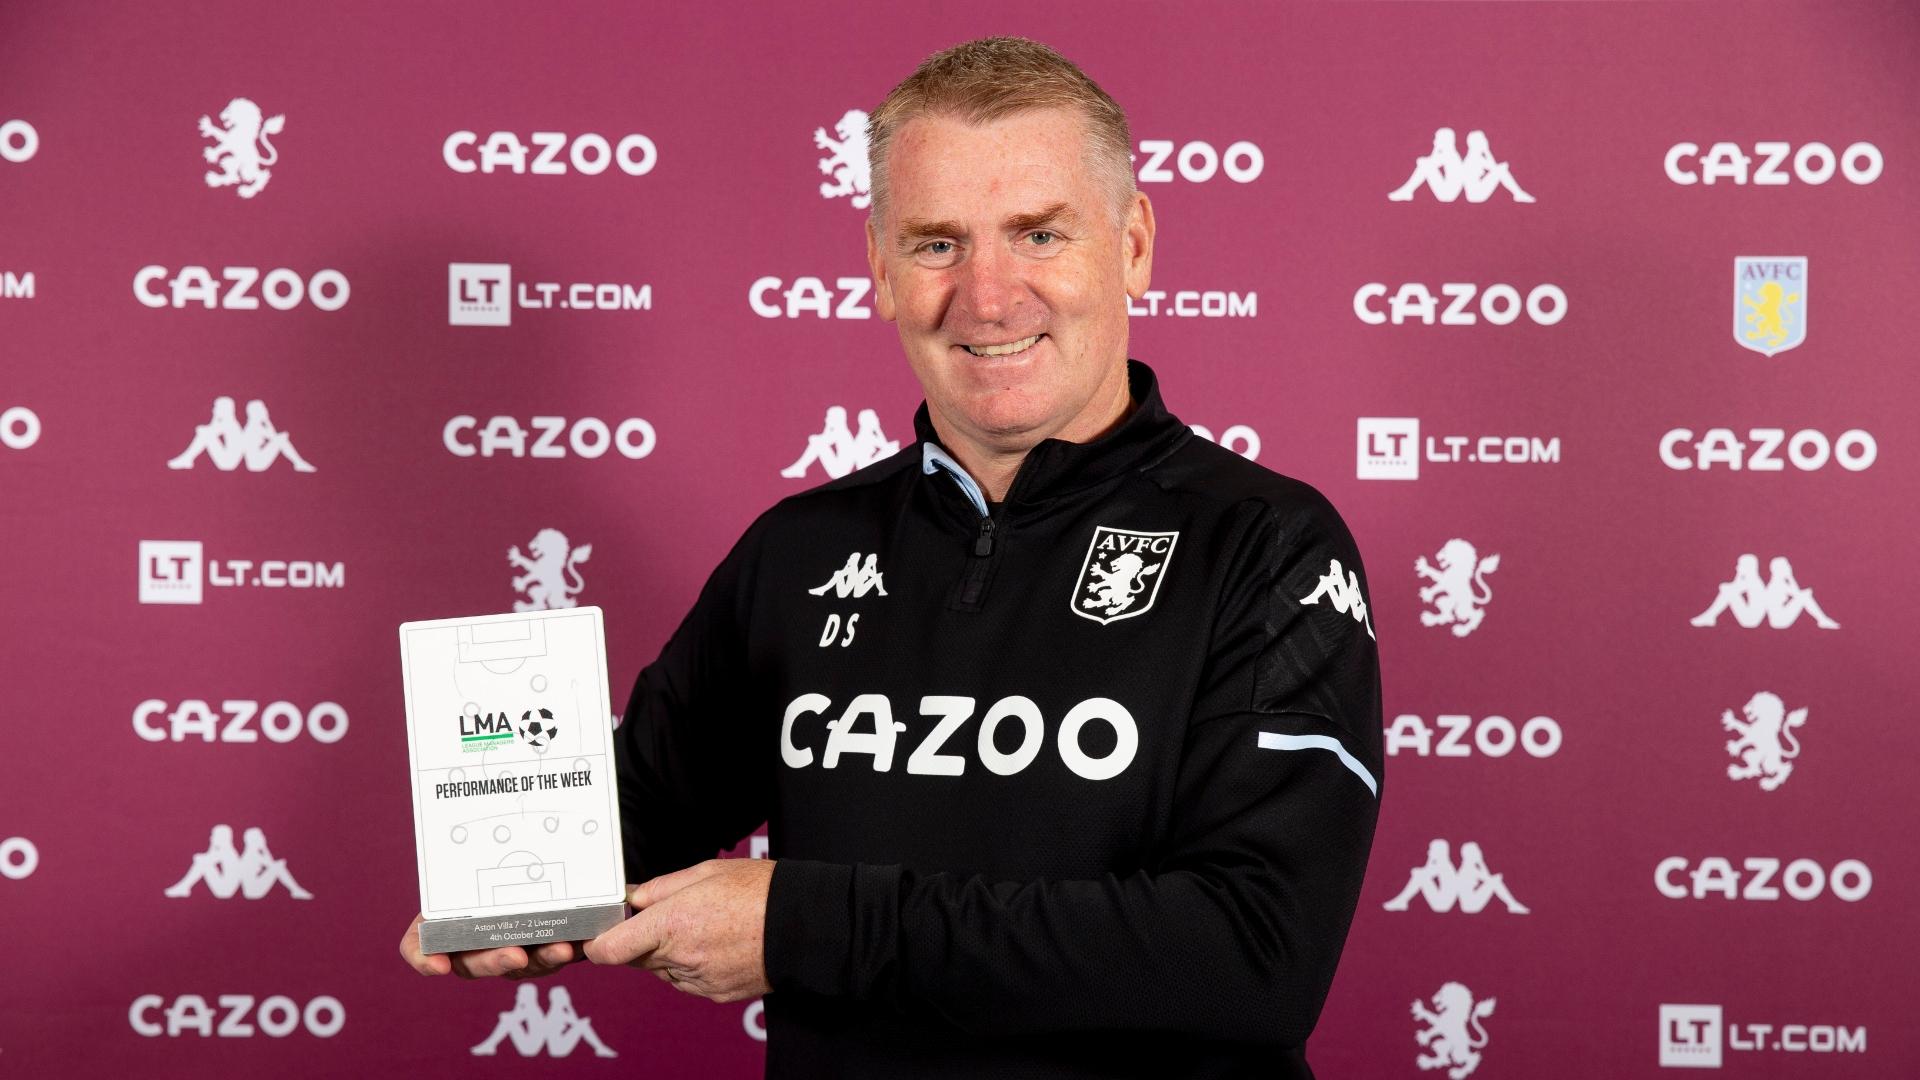 Smith Wins Lma Award Avfc